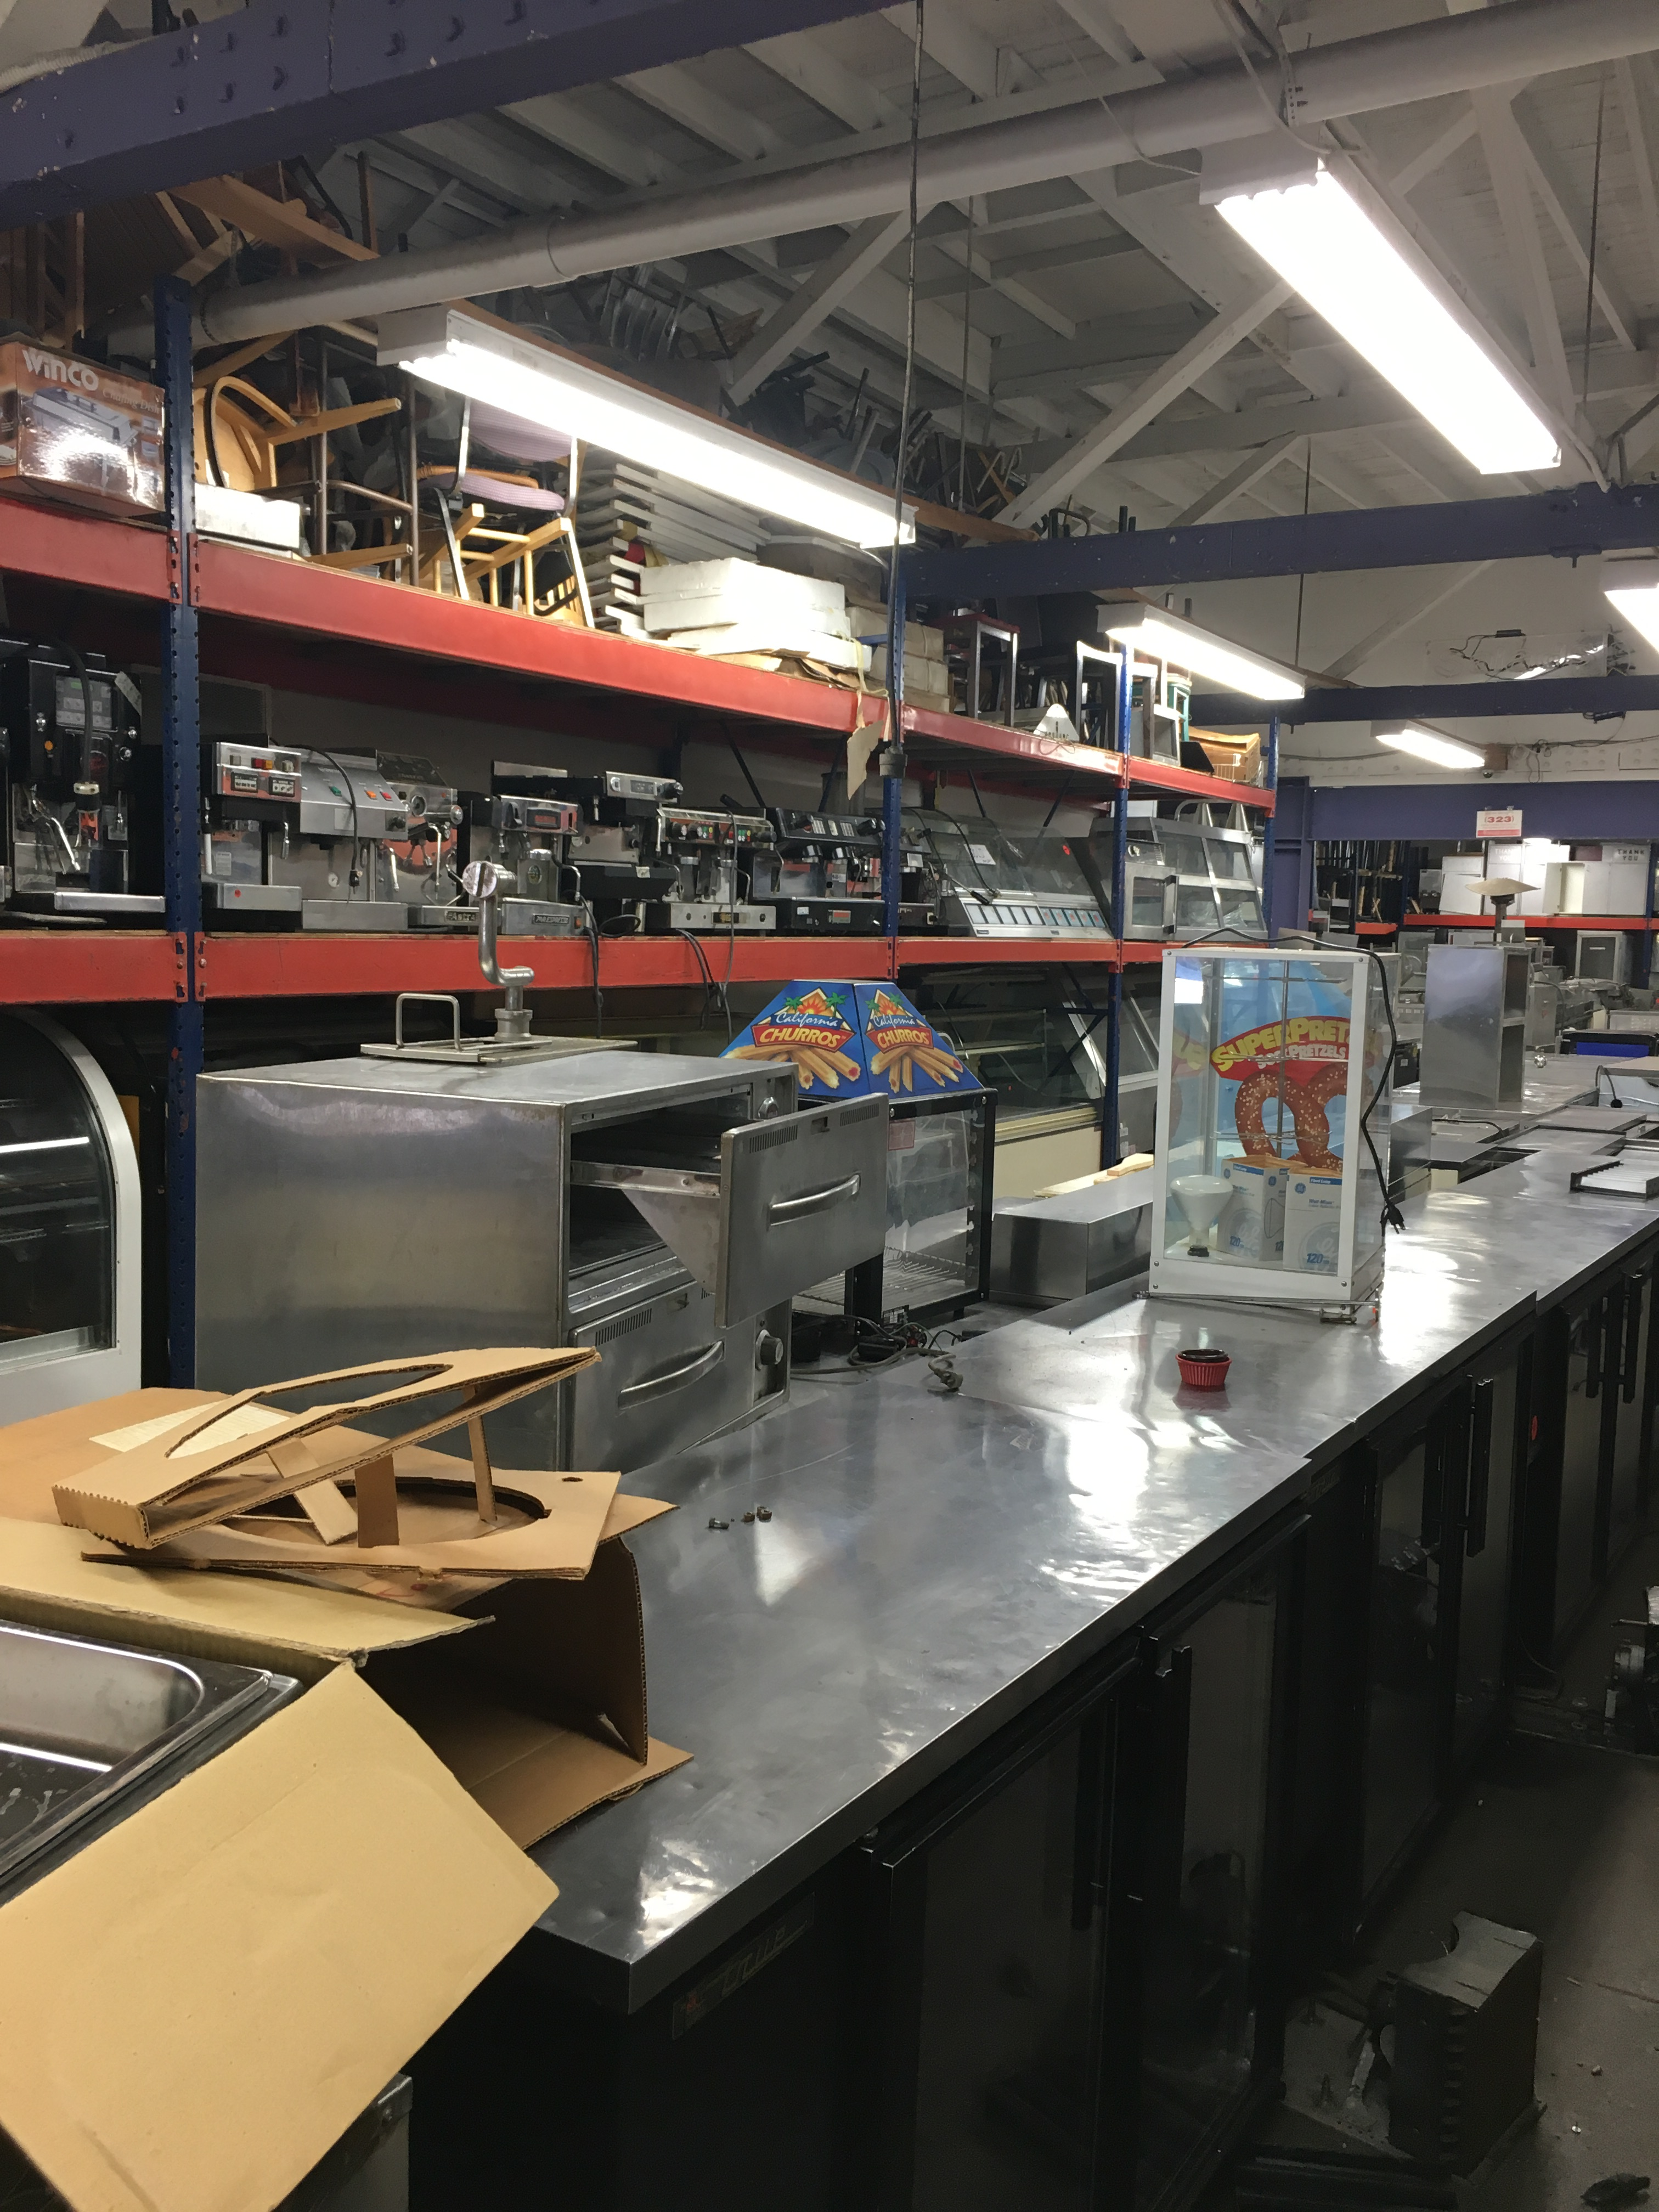 restaurant-equipment-1504082586.jpg